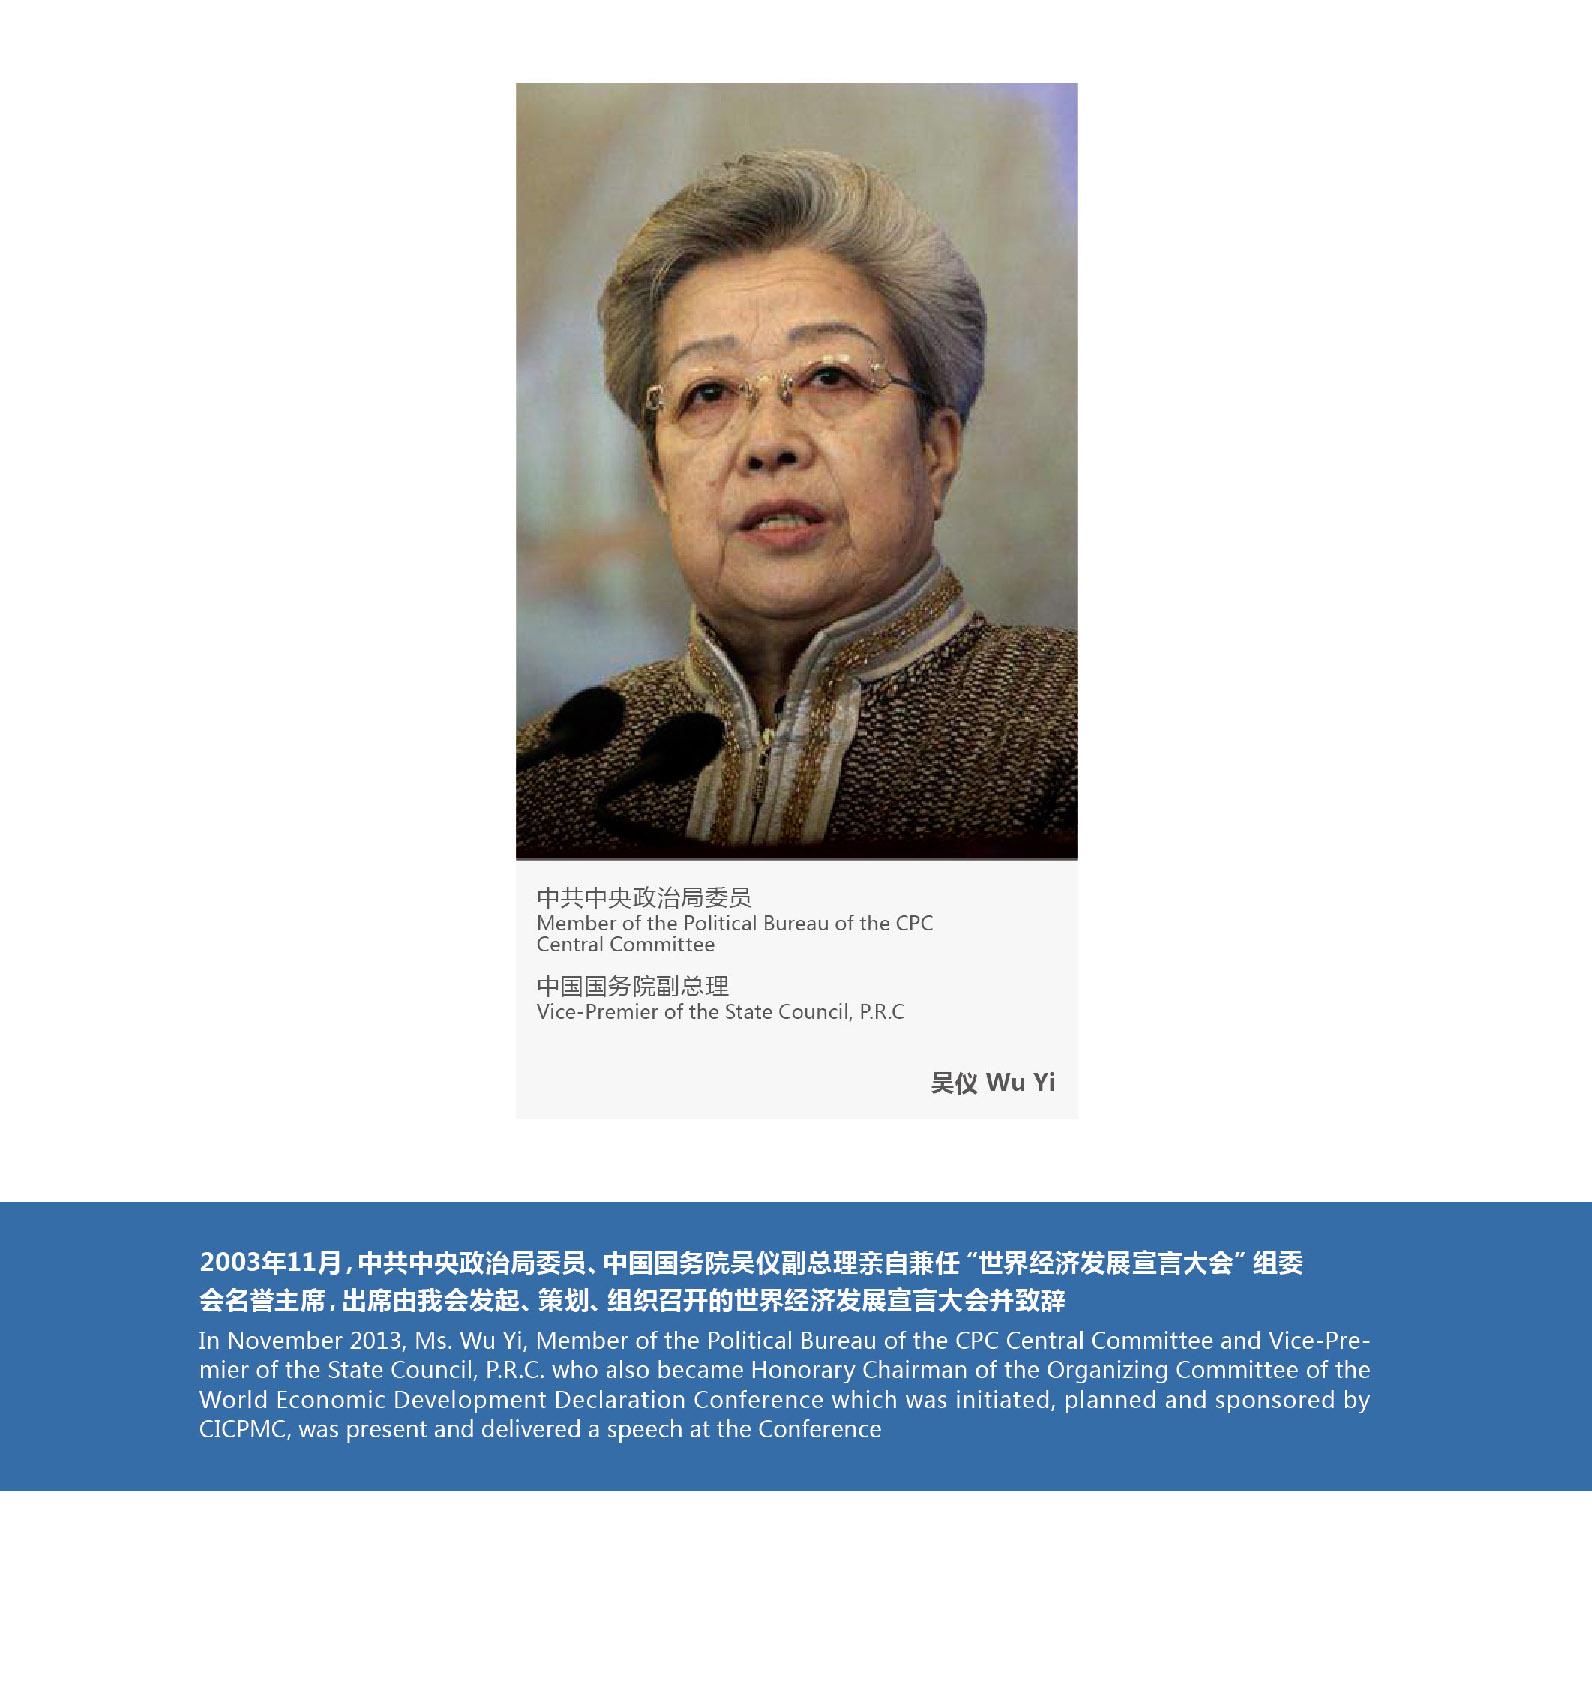 """2003年11月,中共中央政治局委员、中国国务院吴仪副总理亲自兼任""""世界经济发展宣言大会""""组委会名誉主席,出席由我会发起、策划、组织召开的世界经济发展宣言大会并致辞"""